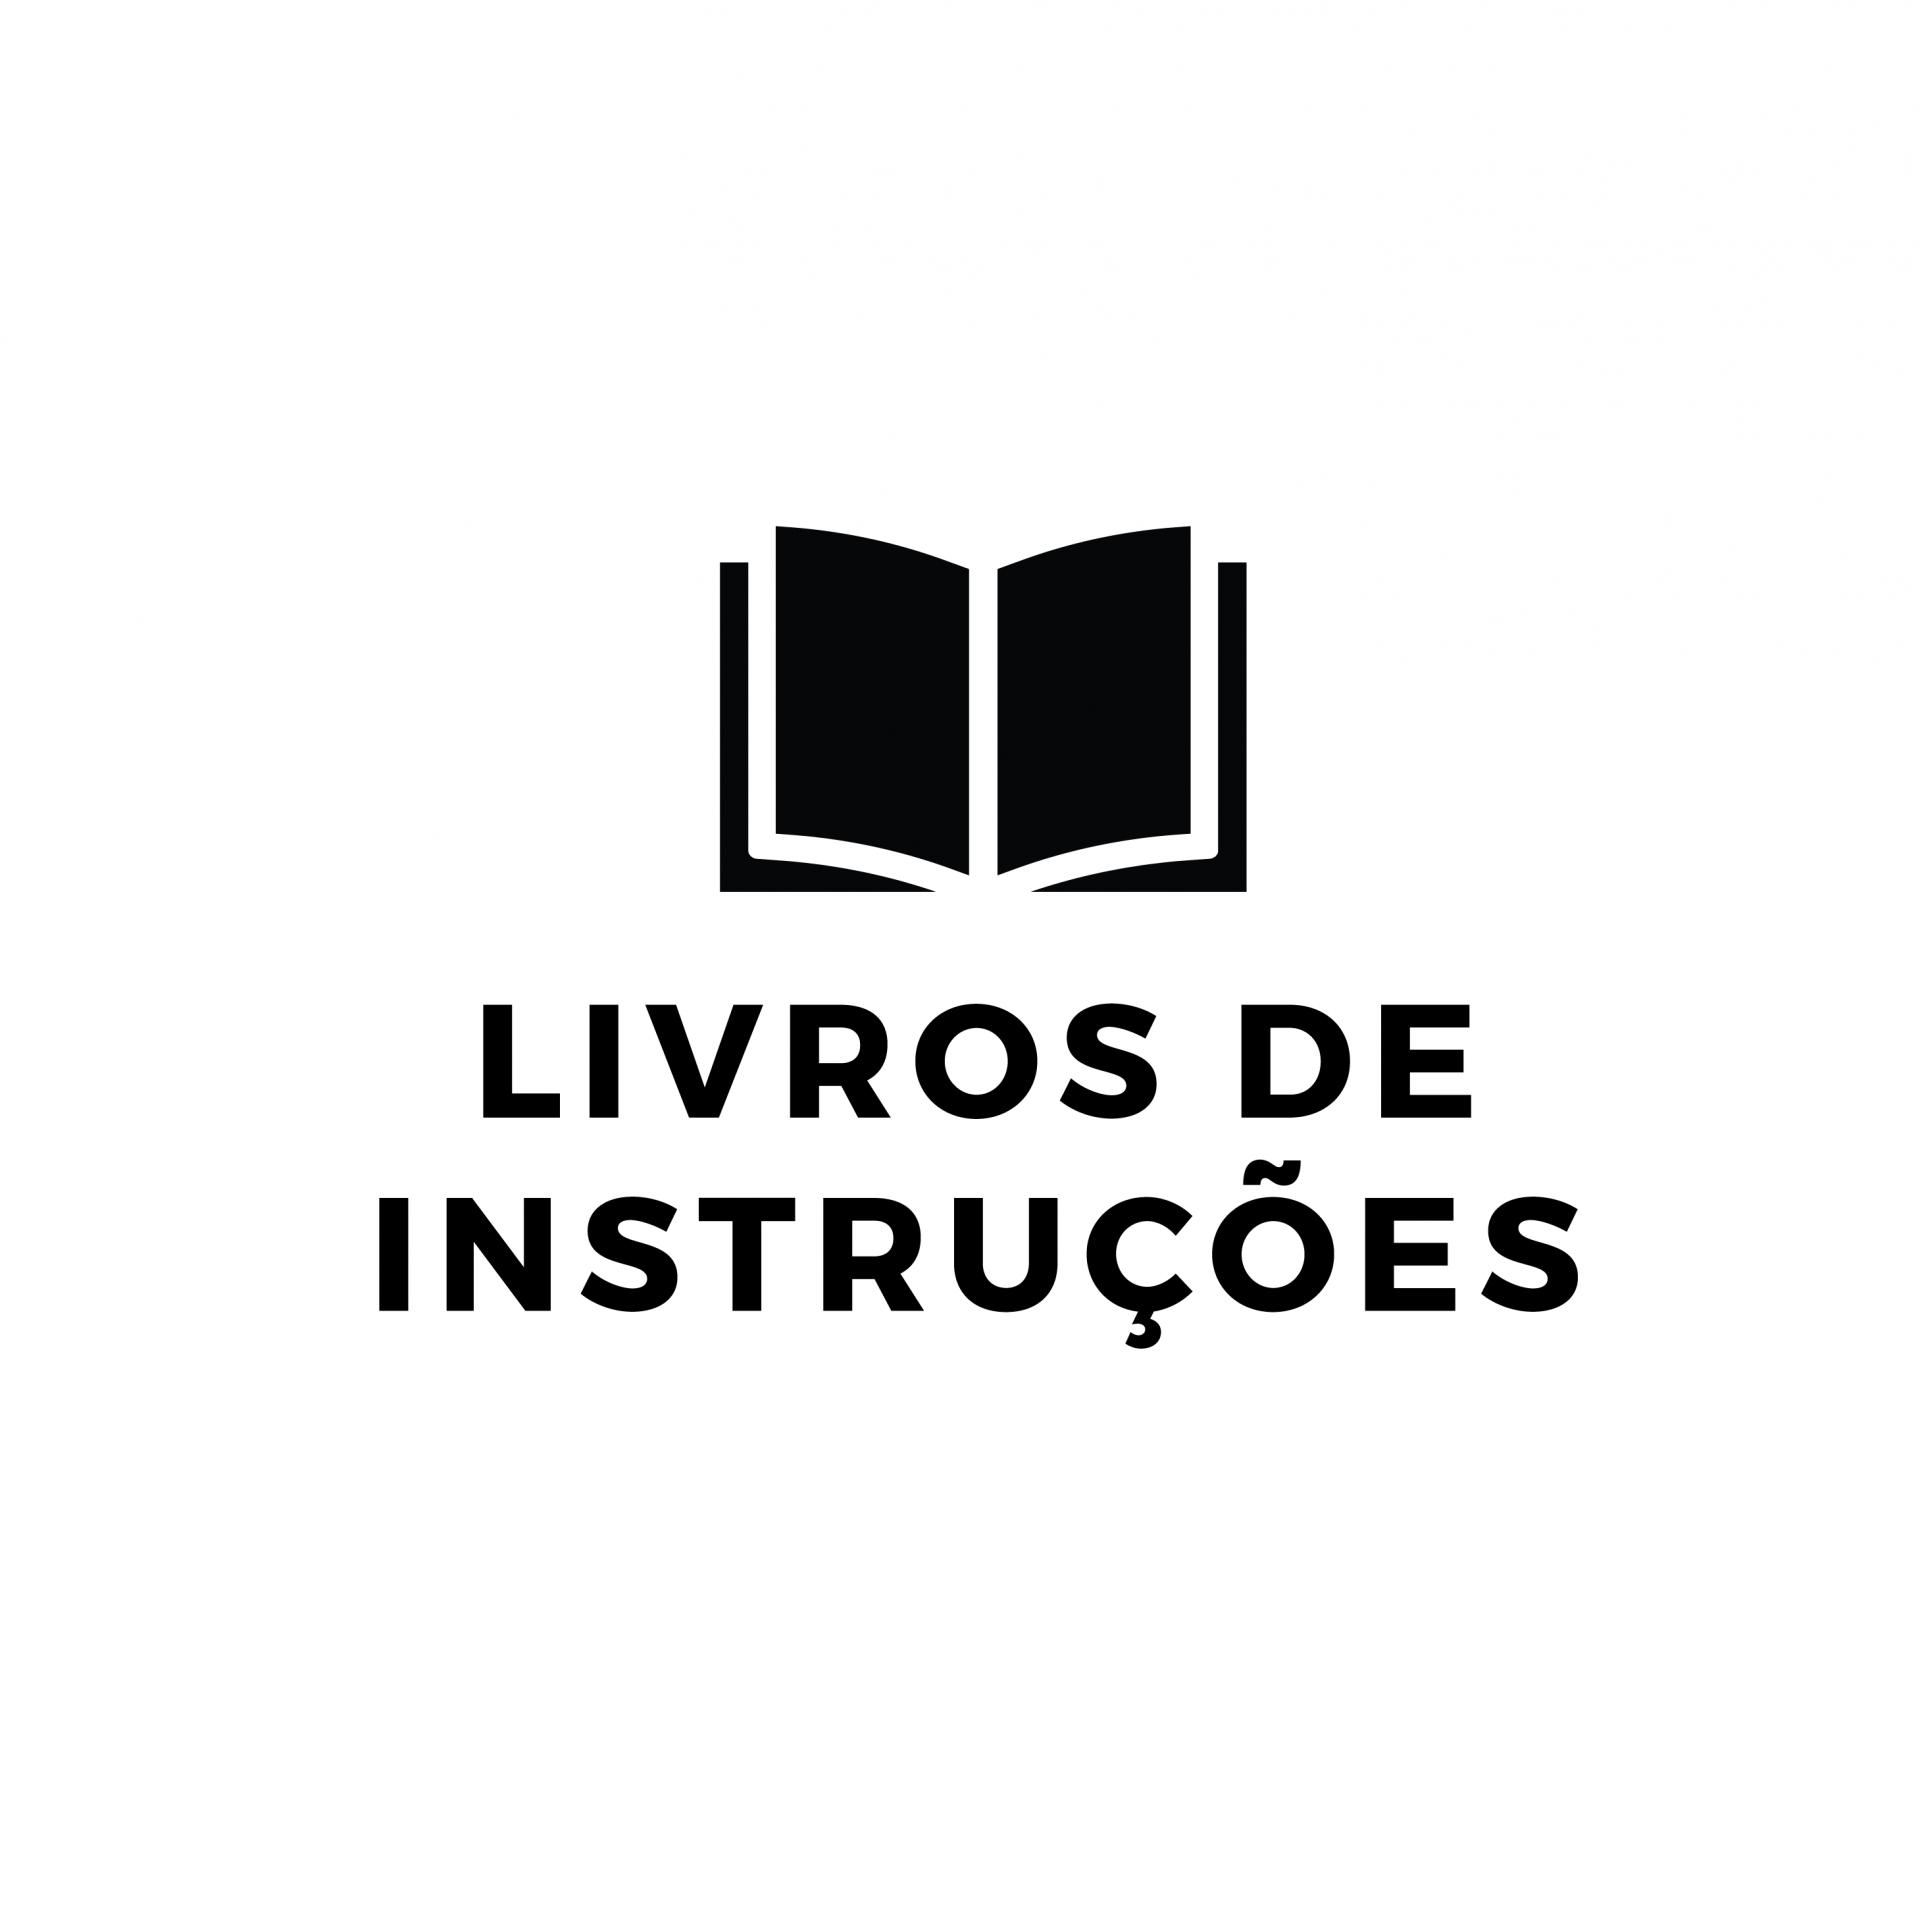 Livros de instruções 01